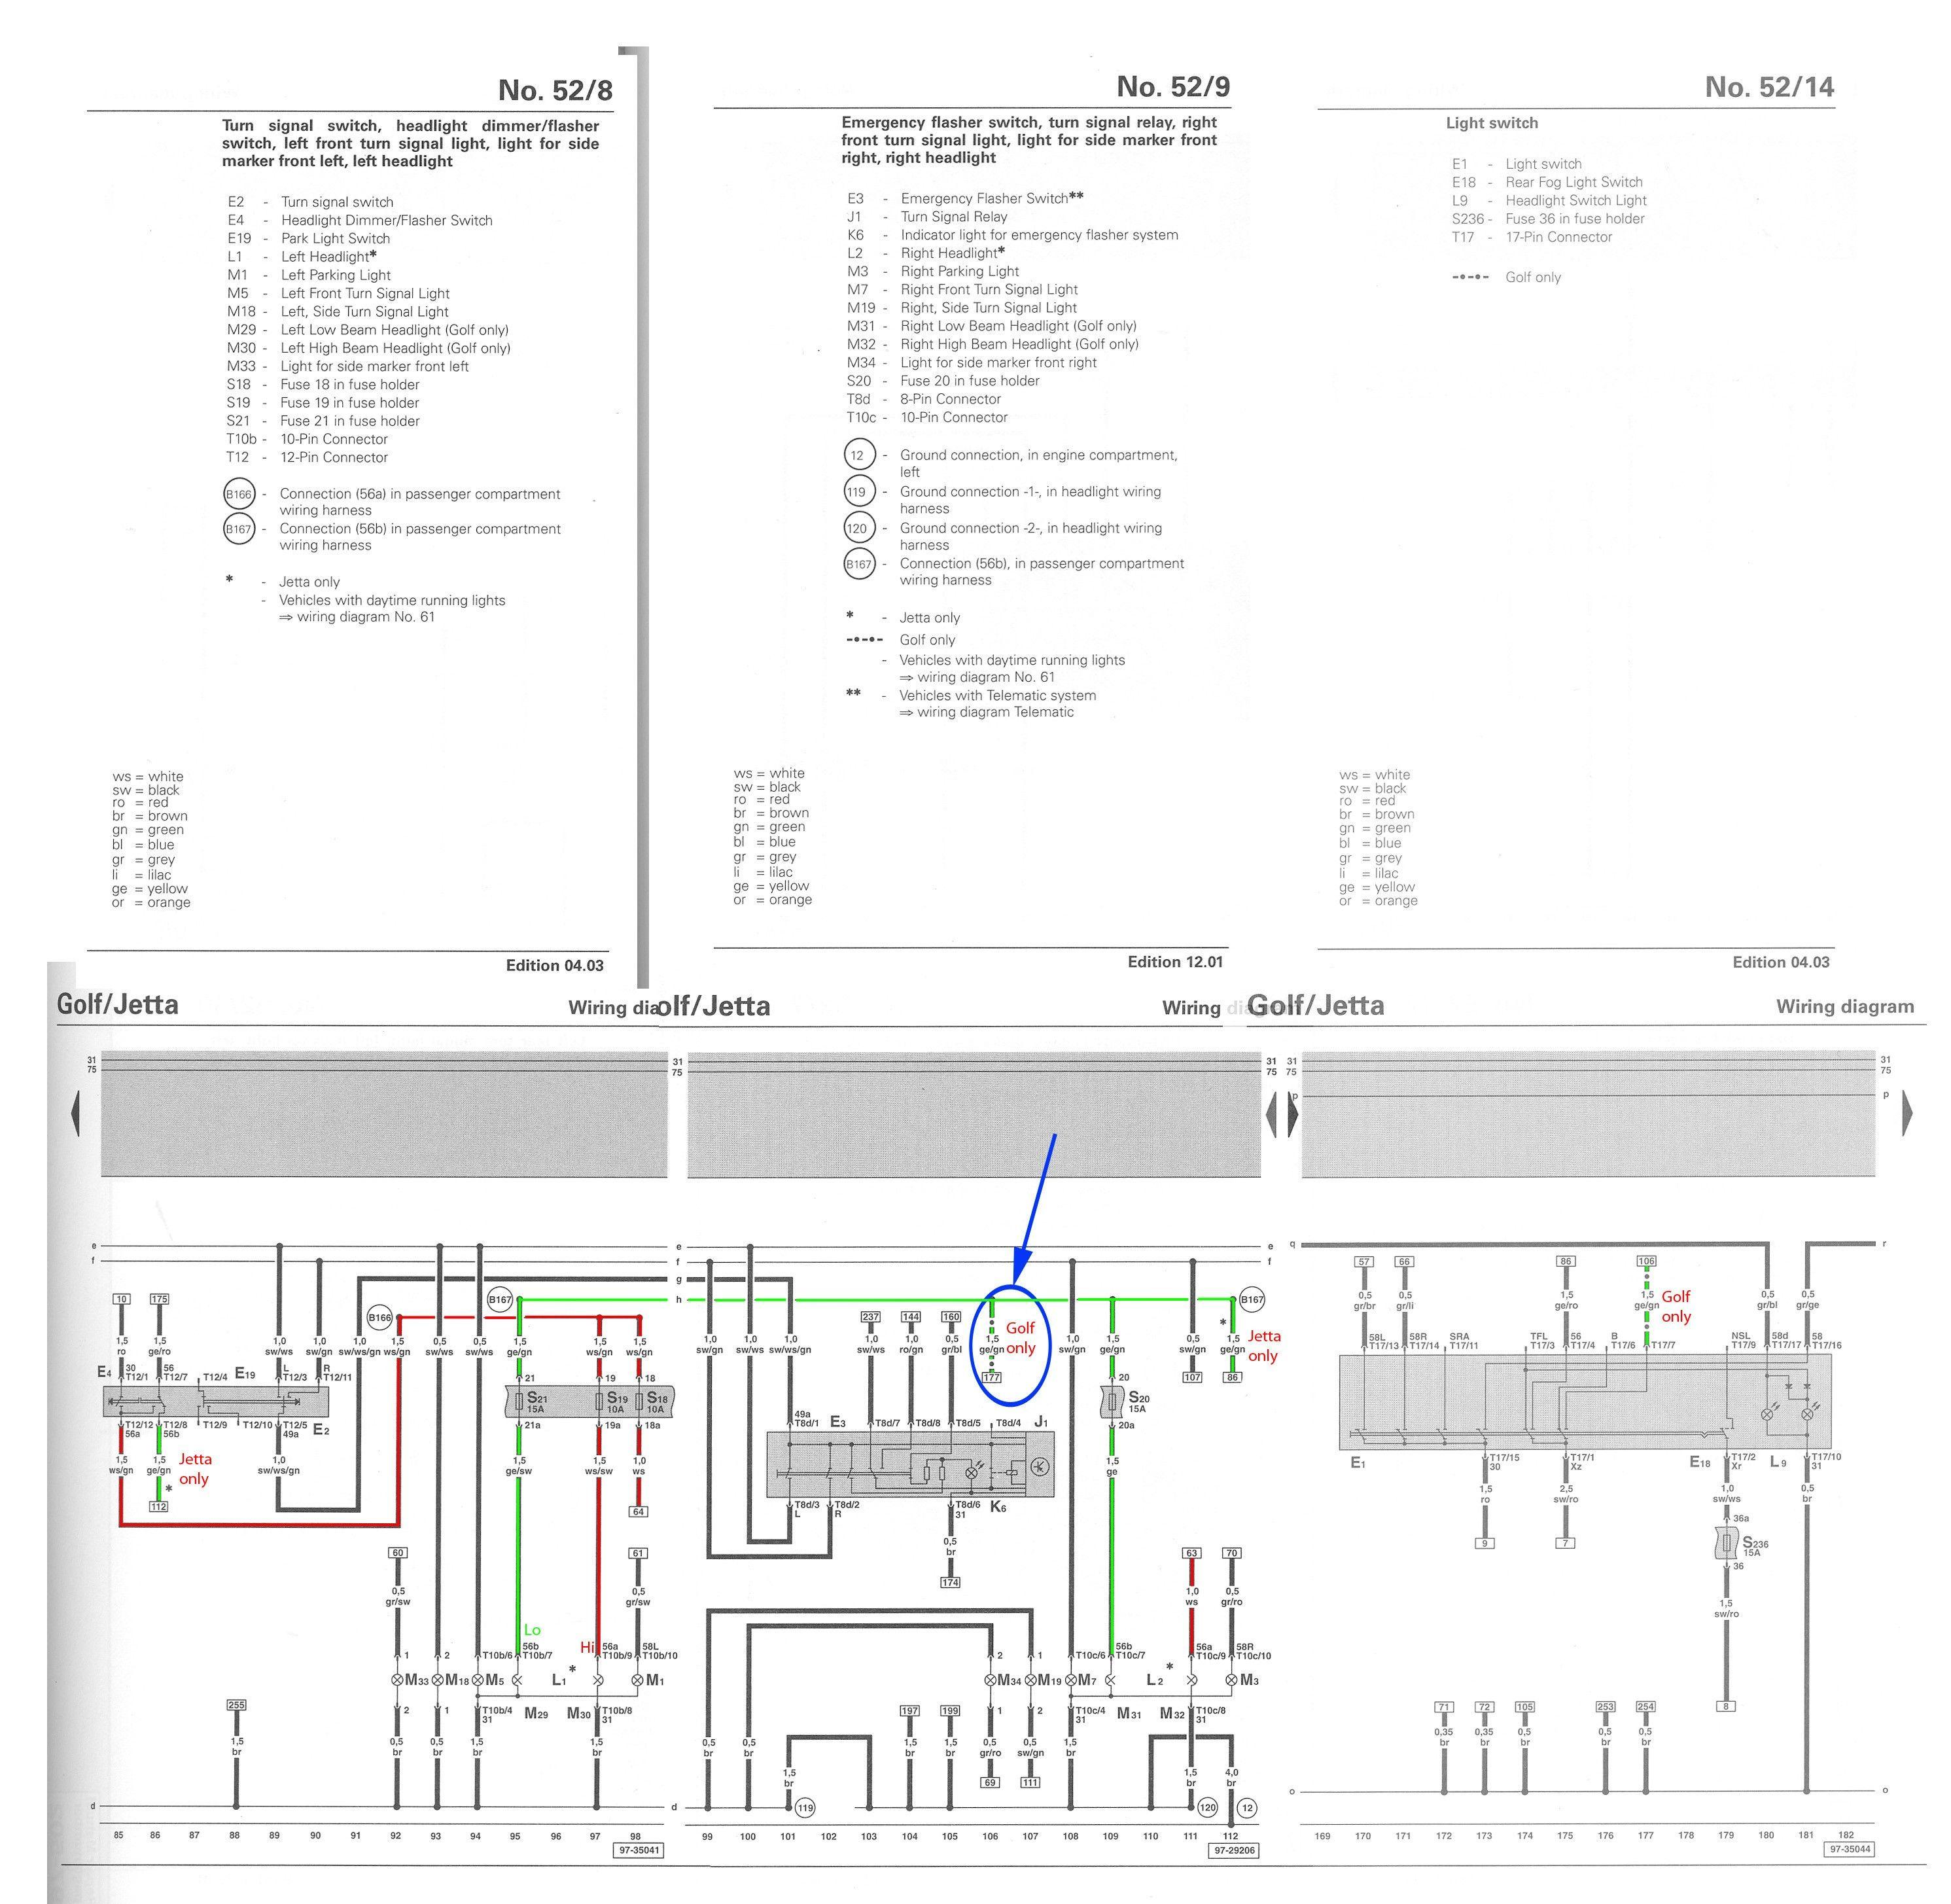 audi b6 wiring diagram new audi a4 b6 wiper wiring diagram mo  os  new audi a4 b6 wiper wiring diagram mo  os